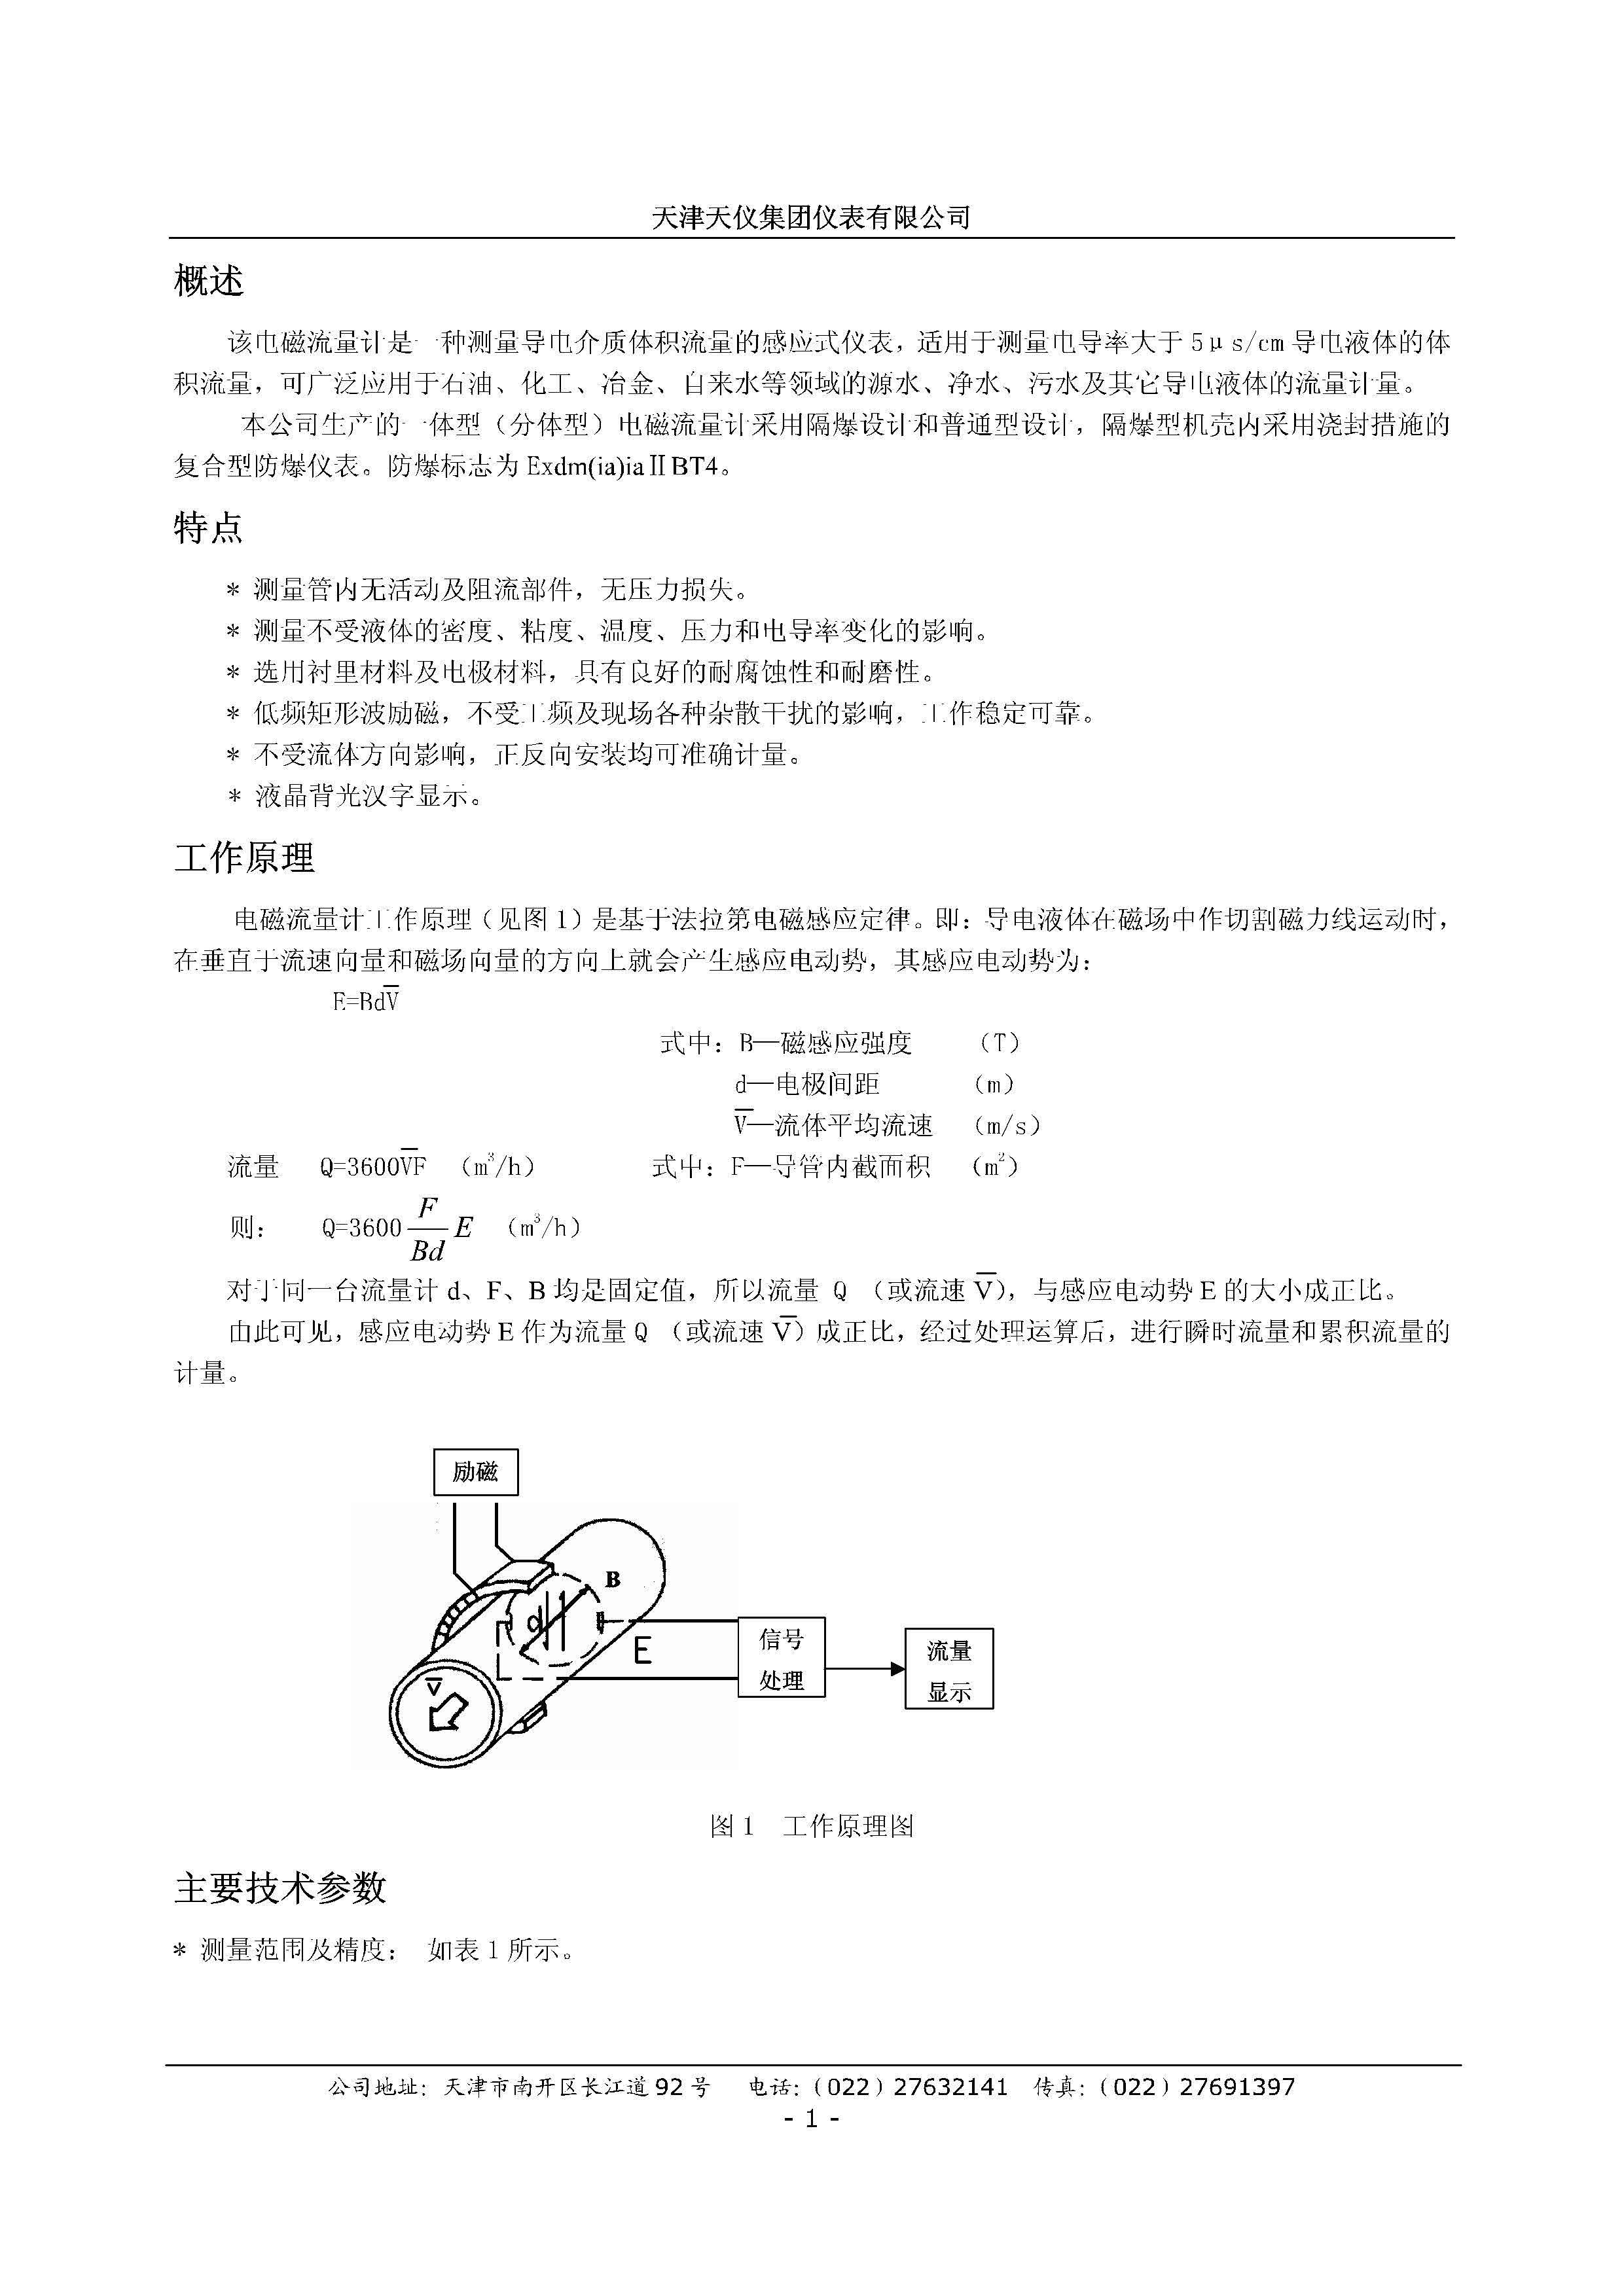 中环天仪LF402电磁流量计使用手册